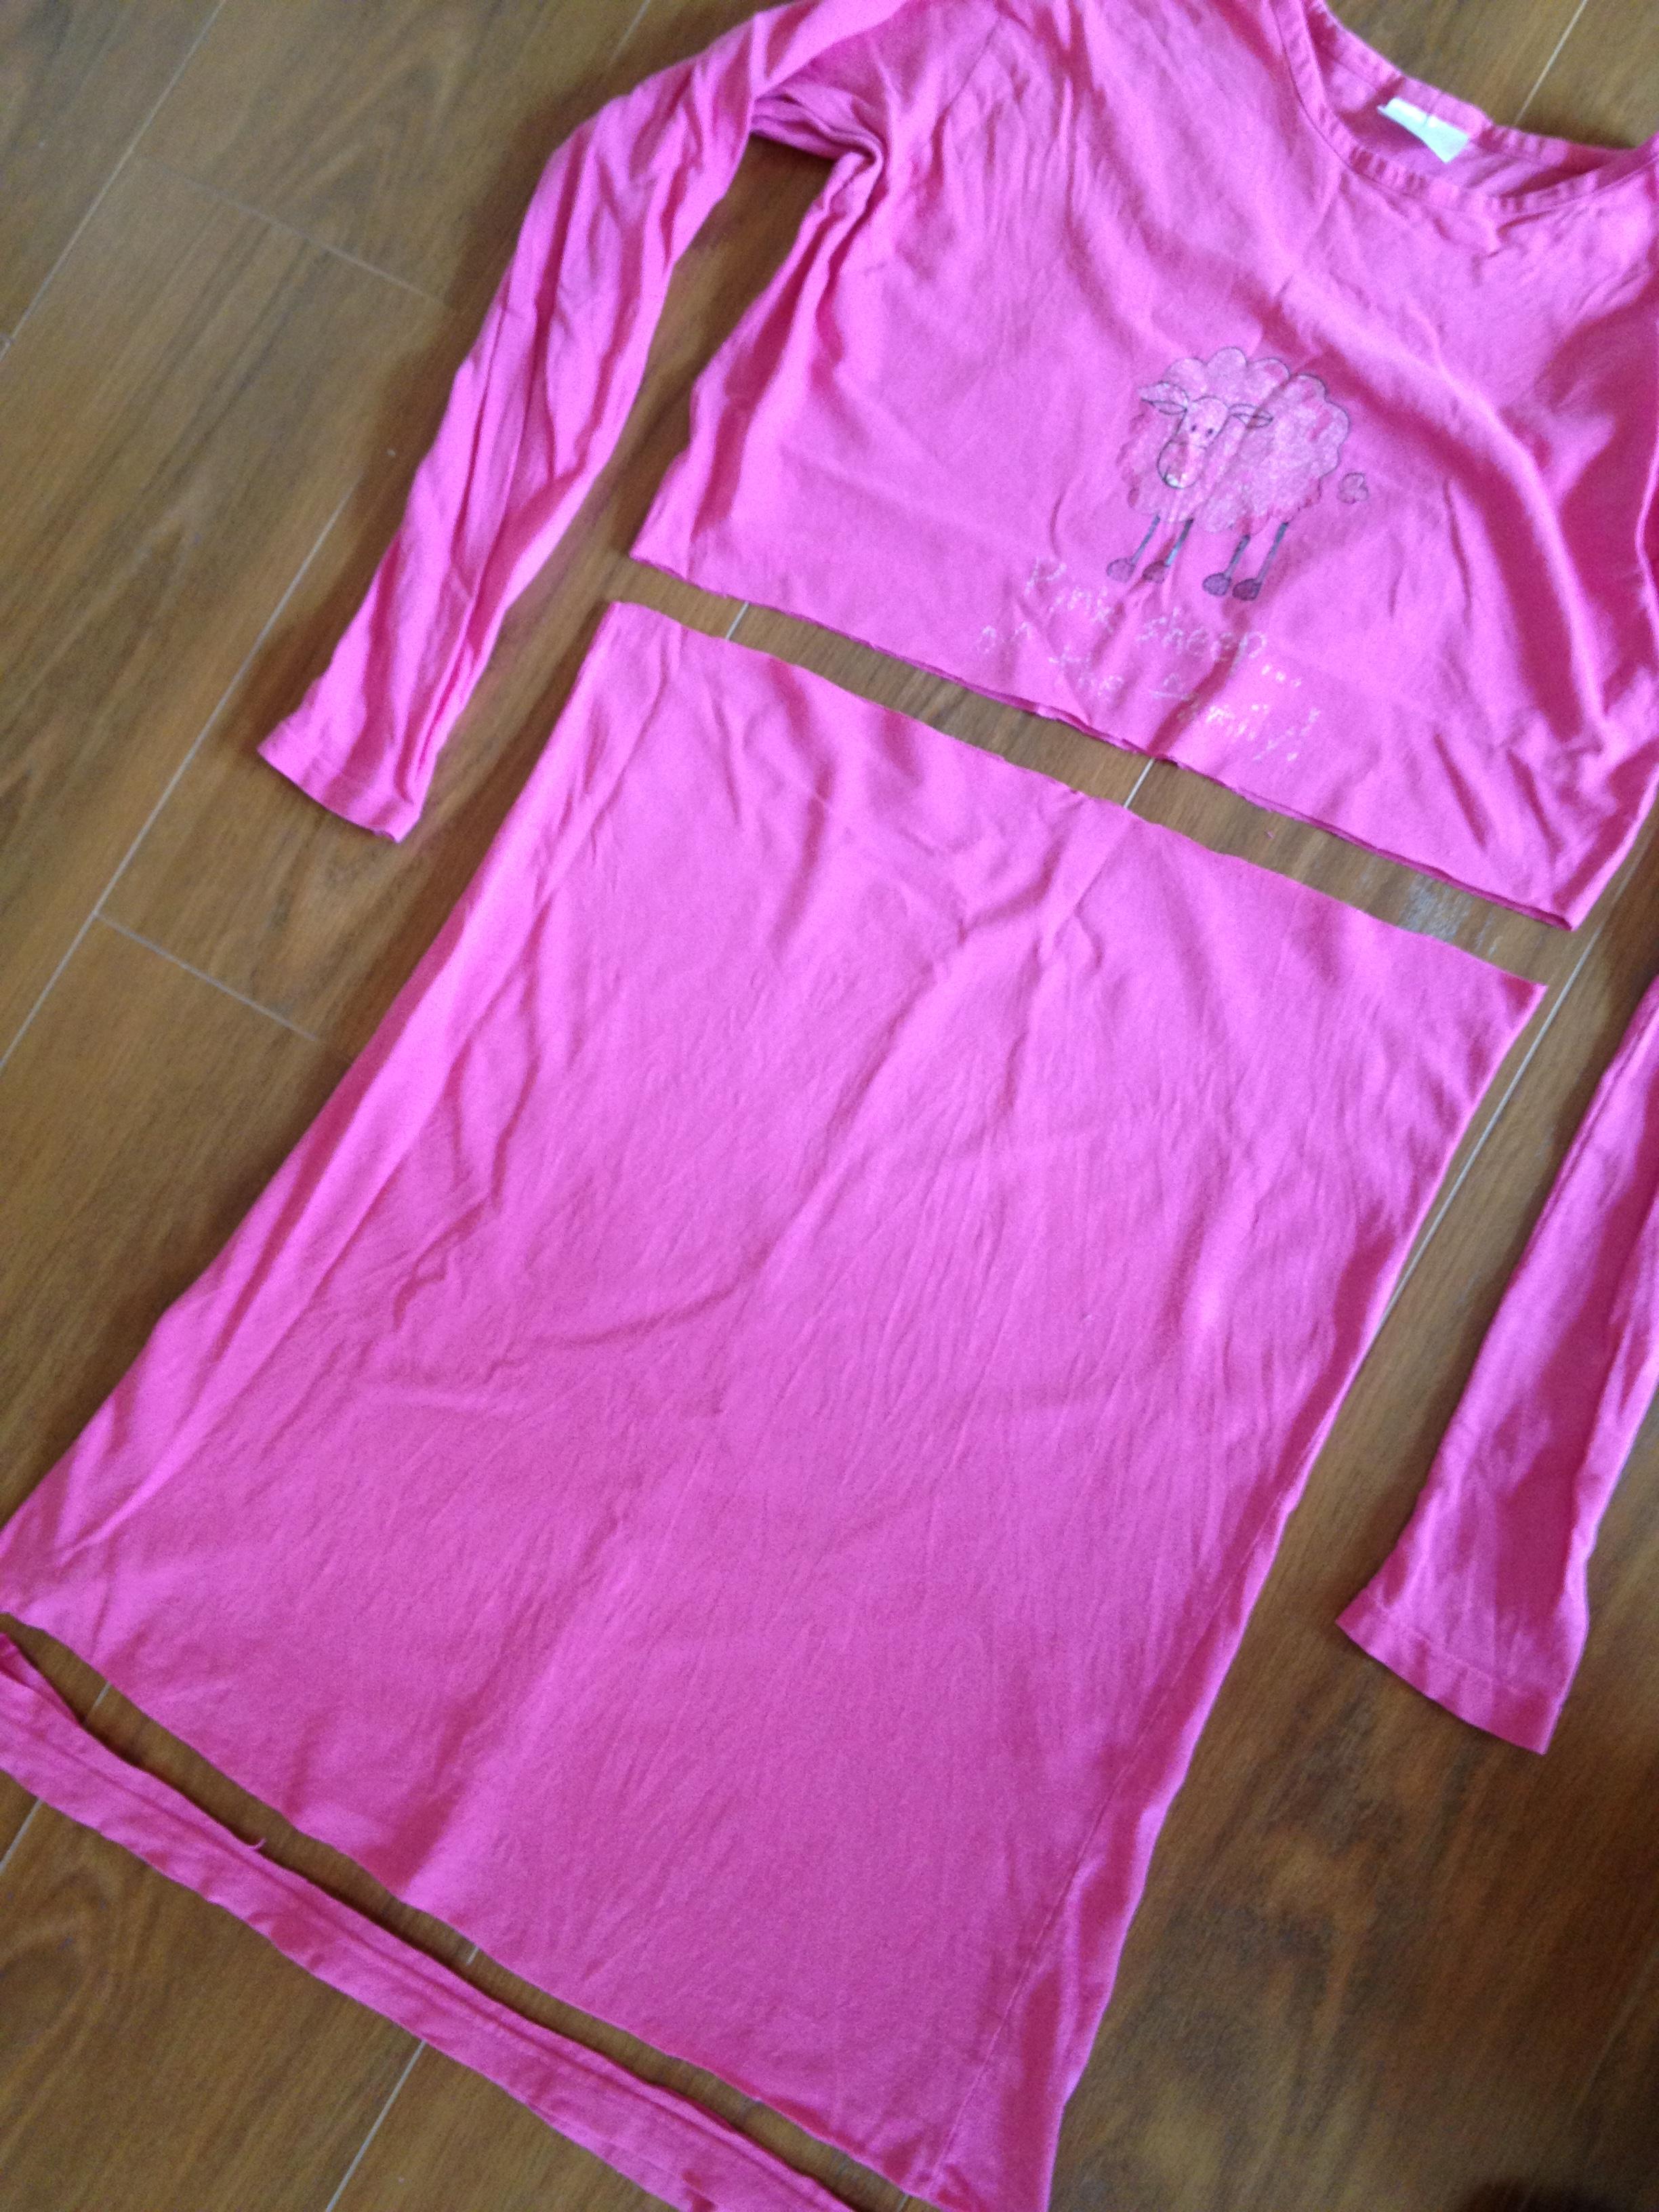 Textiel Garen Blokker.Zelf Textielgaren Maken Kopje Thee